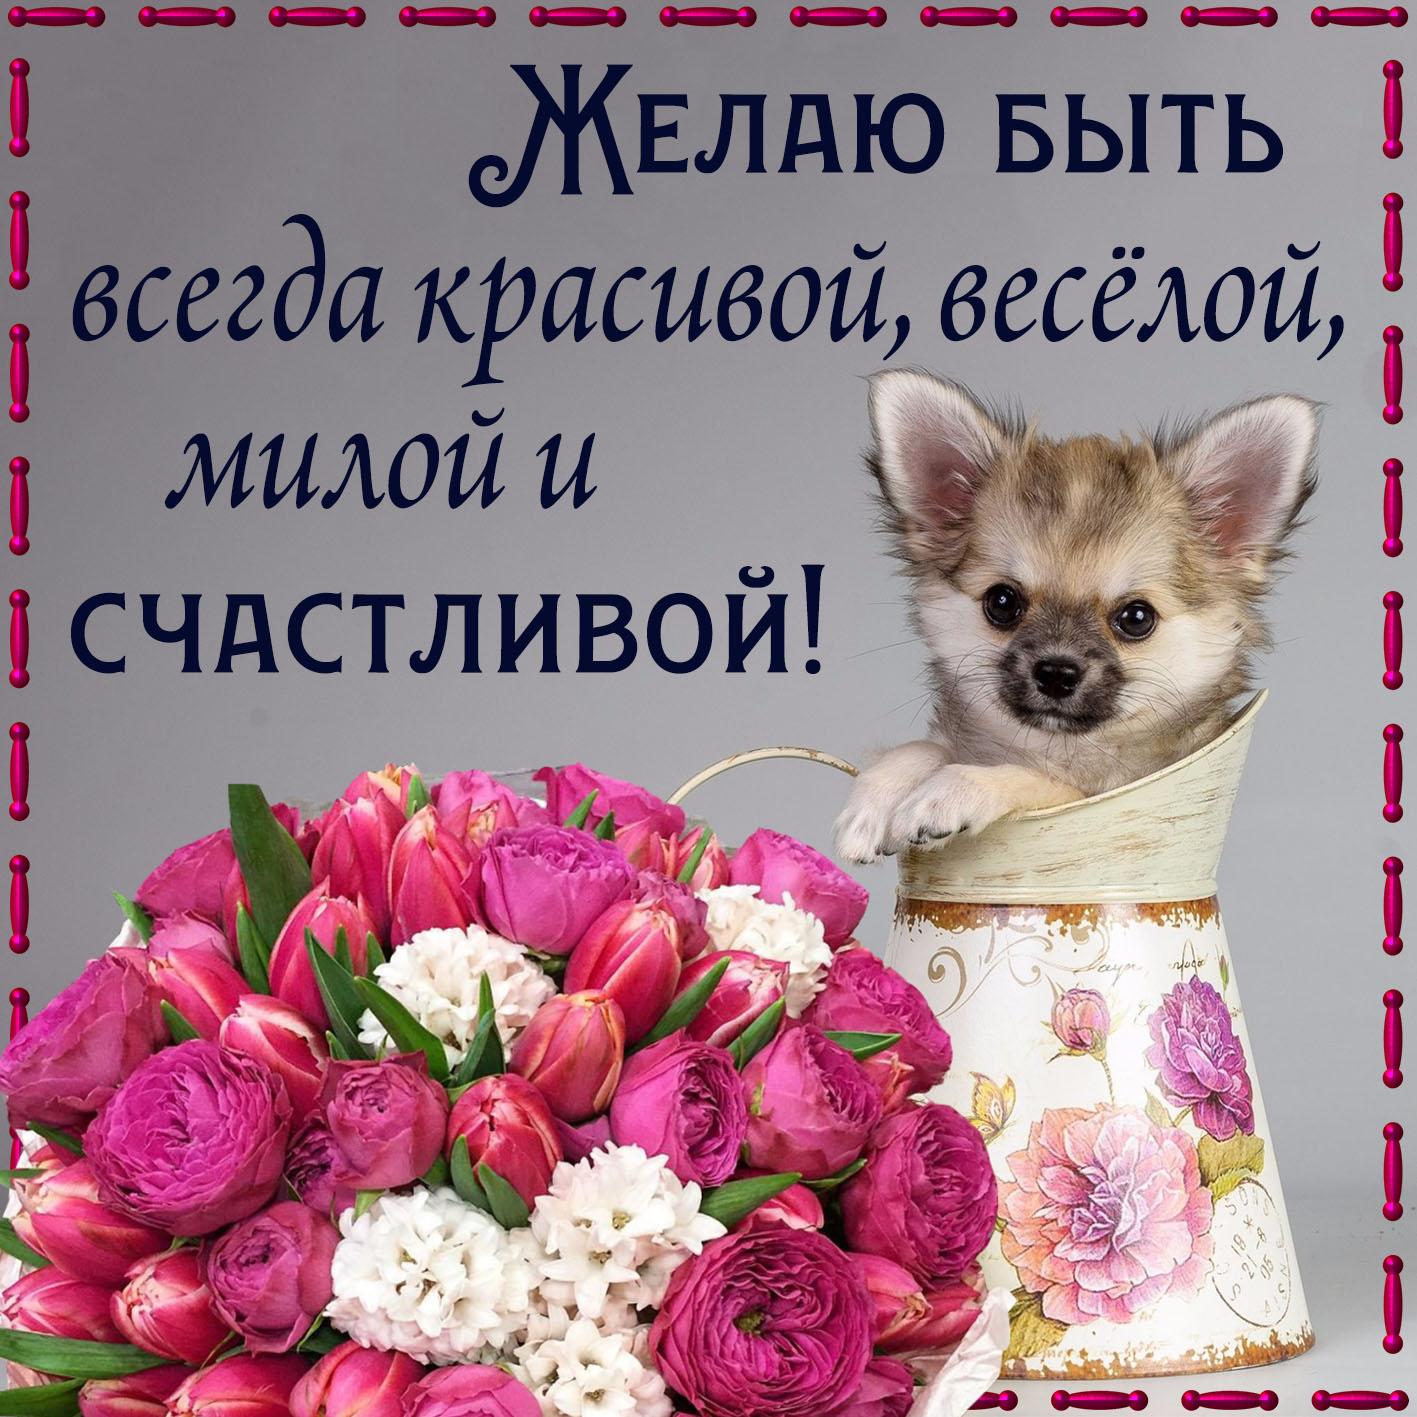 Картинка с собачкой, розами и пожеланием